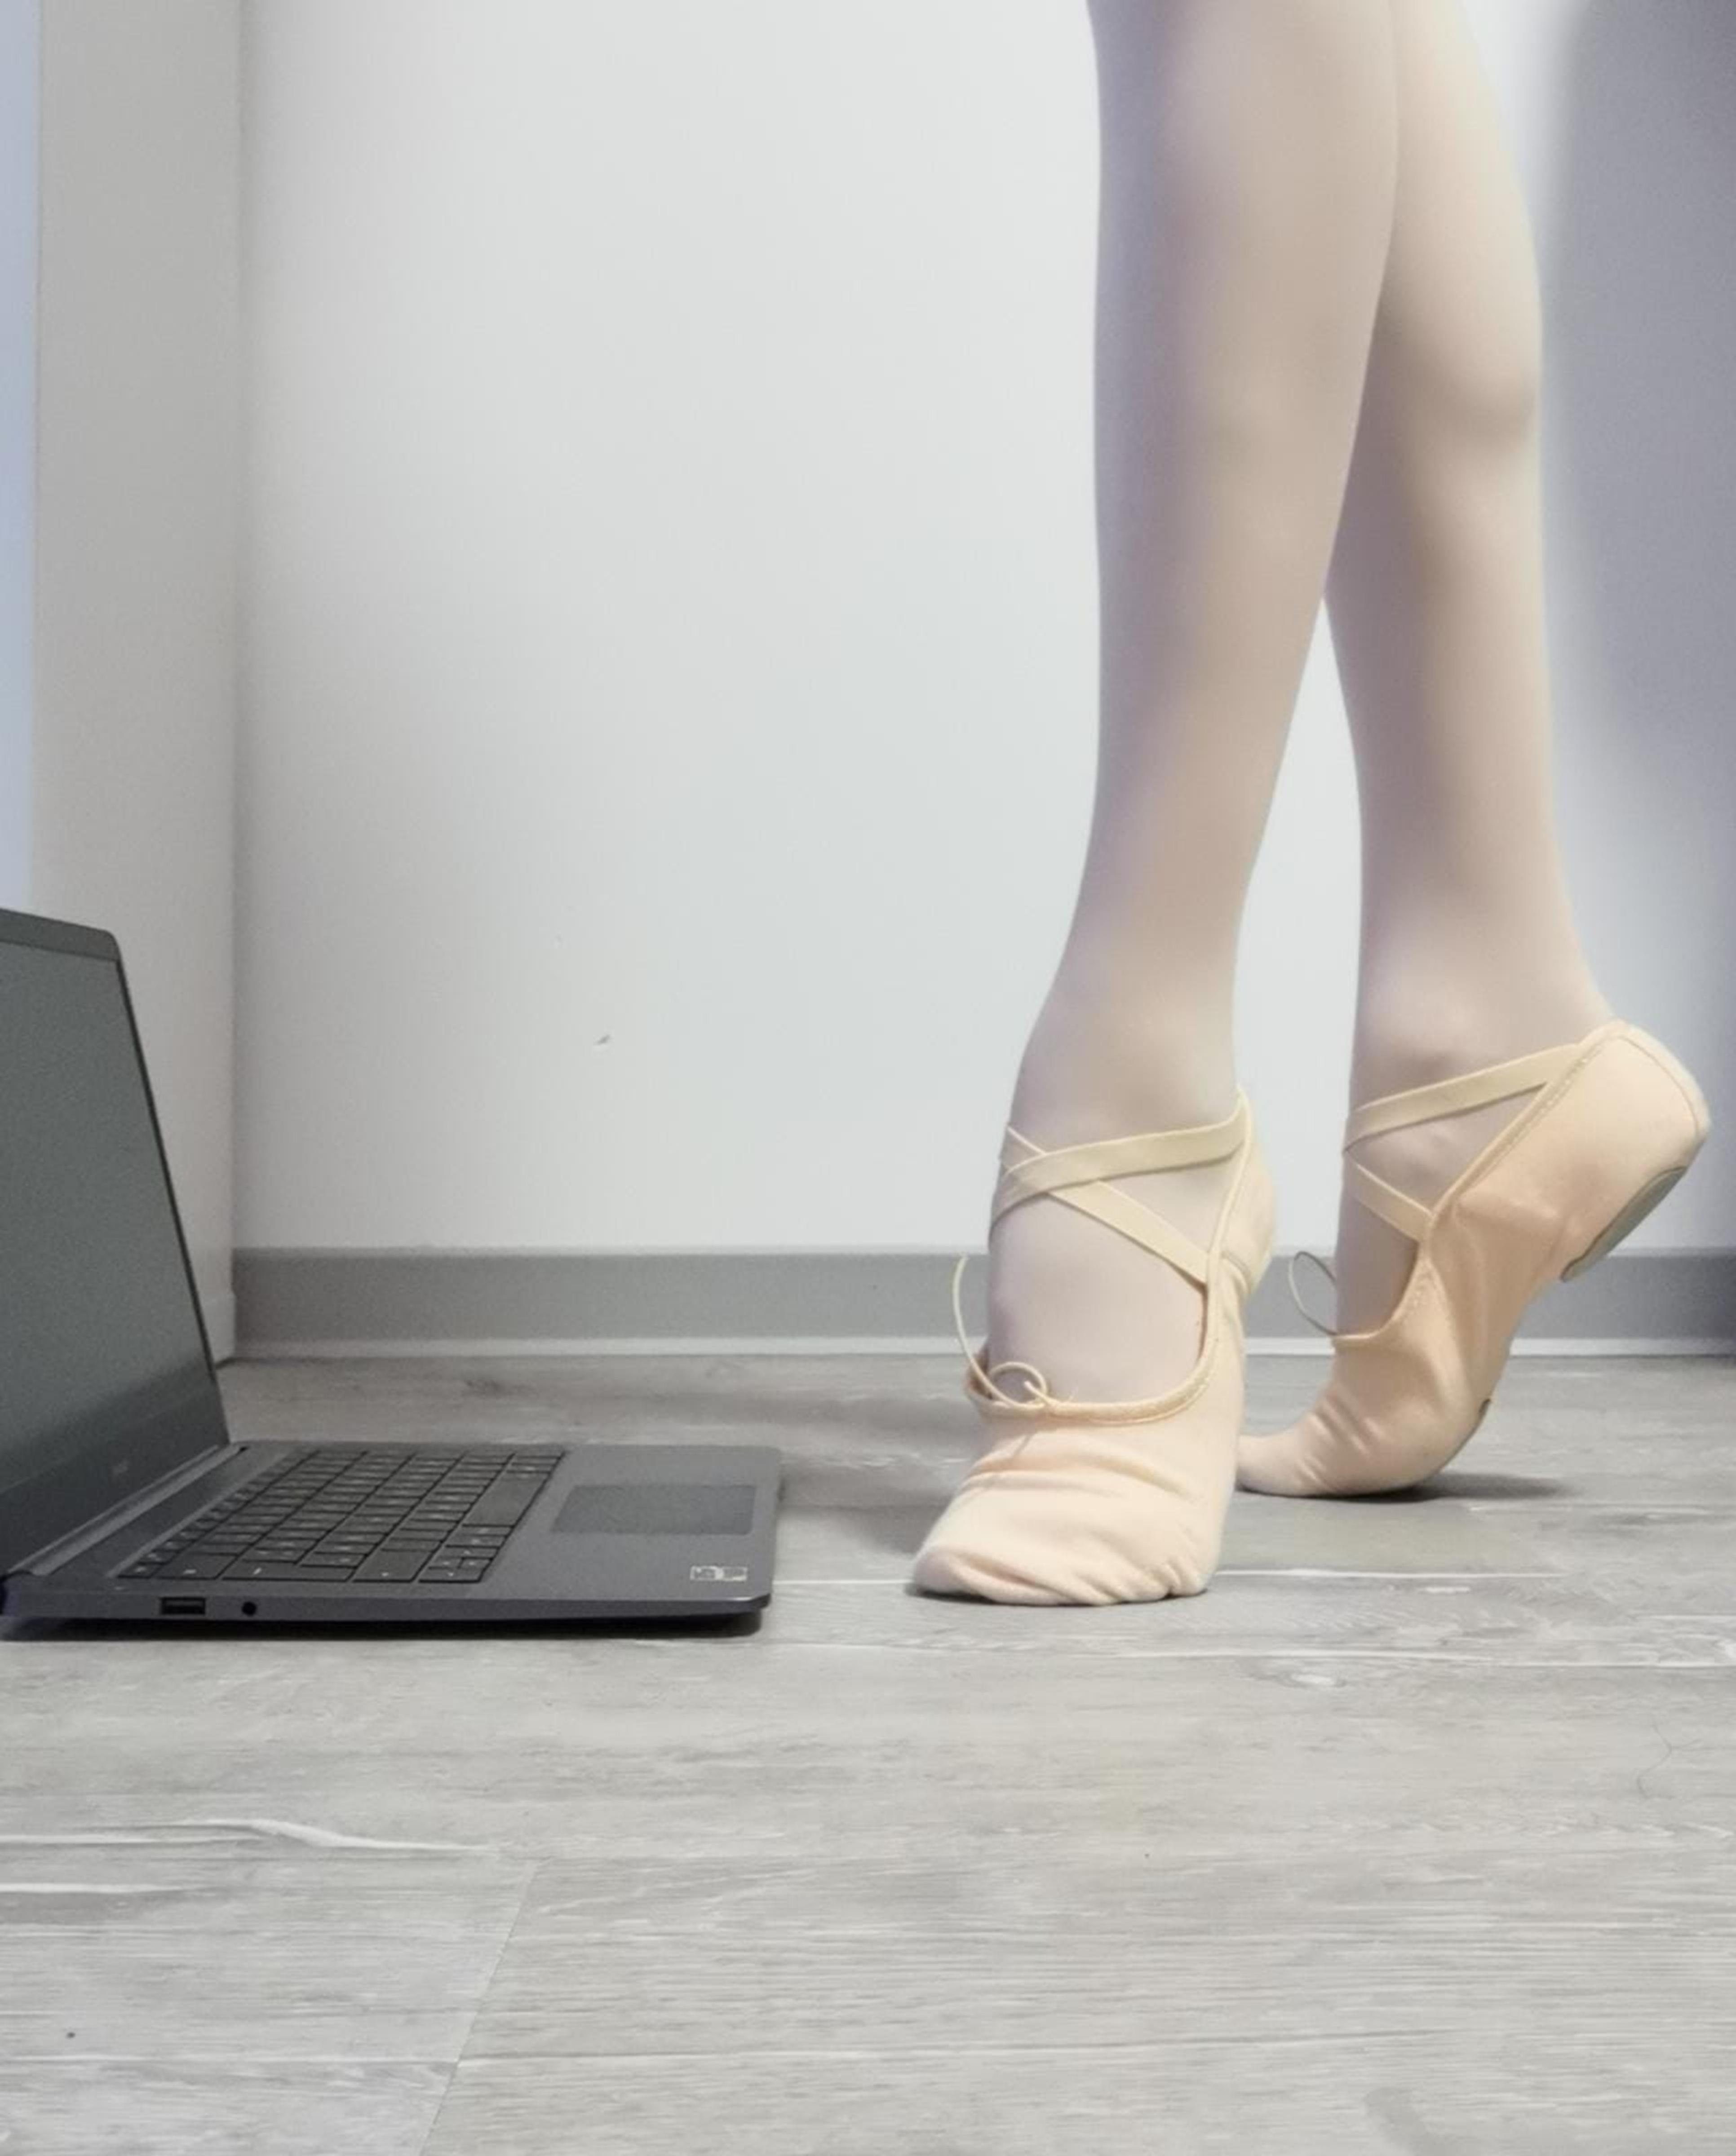 Auch zuhause müssen nicht vorhandene Muskeln trainiert werden. Zur Not mit dem Laptop und auf Laminat. Foto: kat